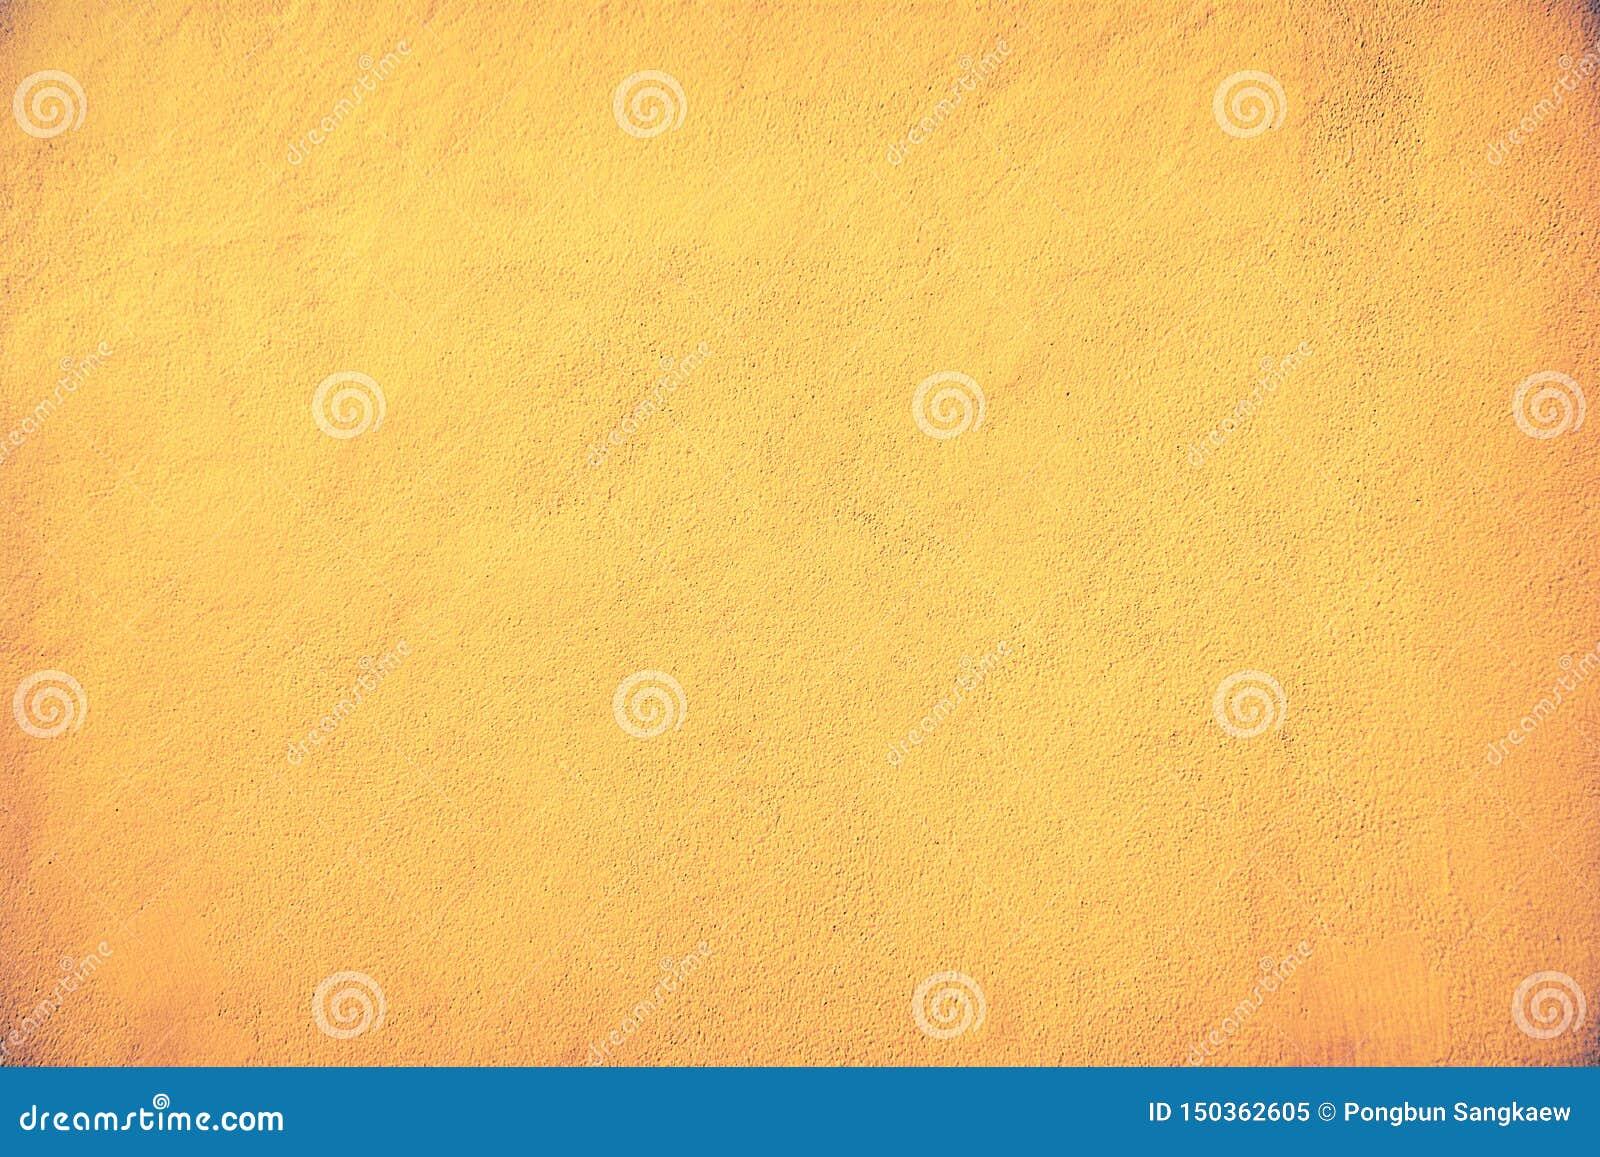 Oude bruine en gouden kleur van de concrete achtergrond van de muurtextuur